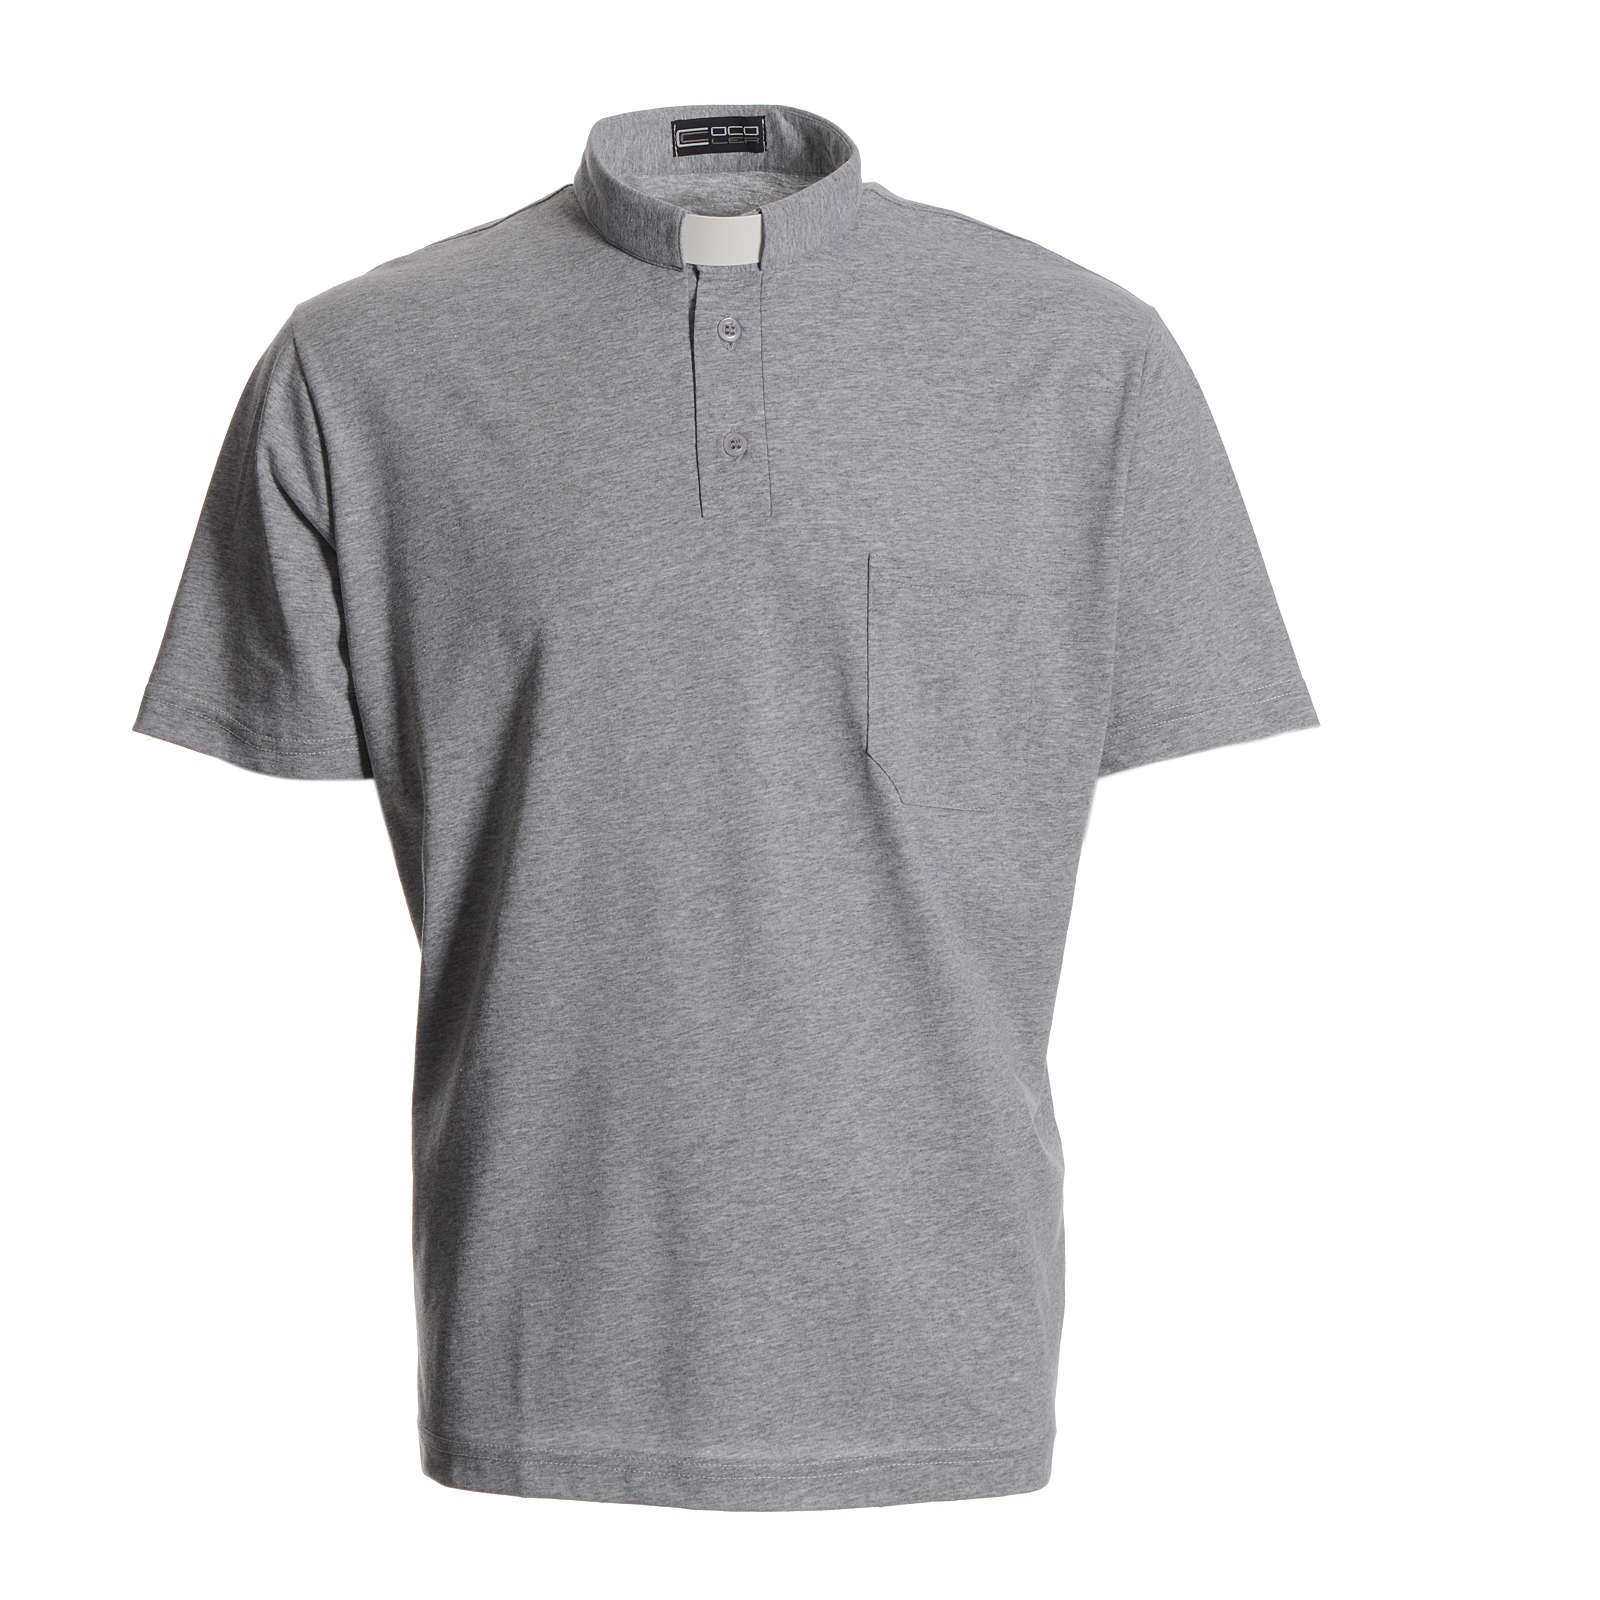 Camisa polo clergy cinzento 100% algodão 4